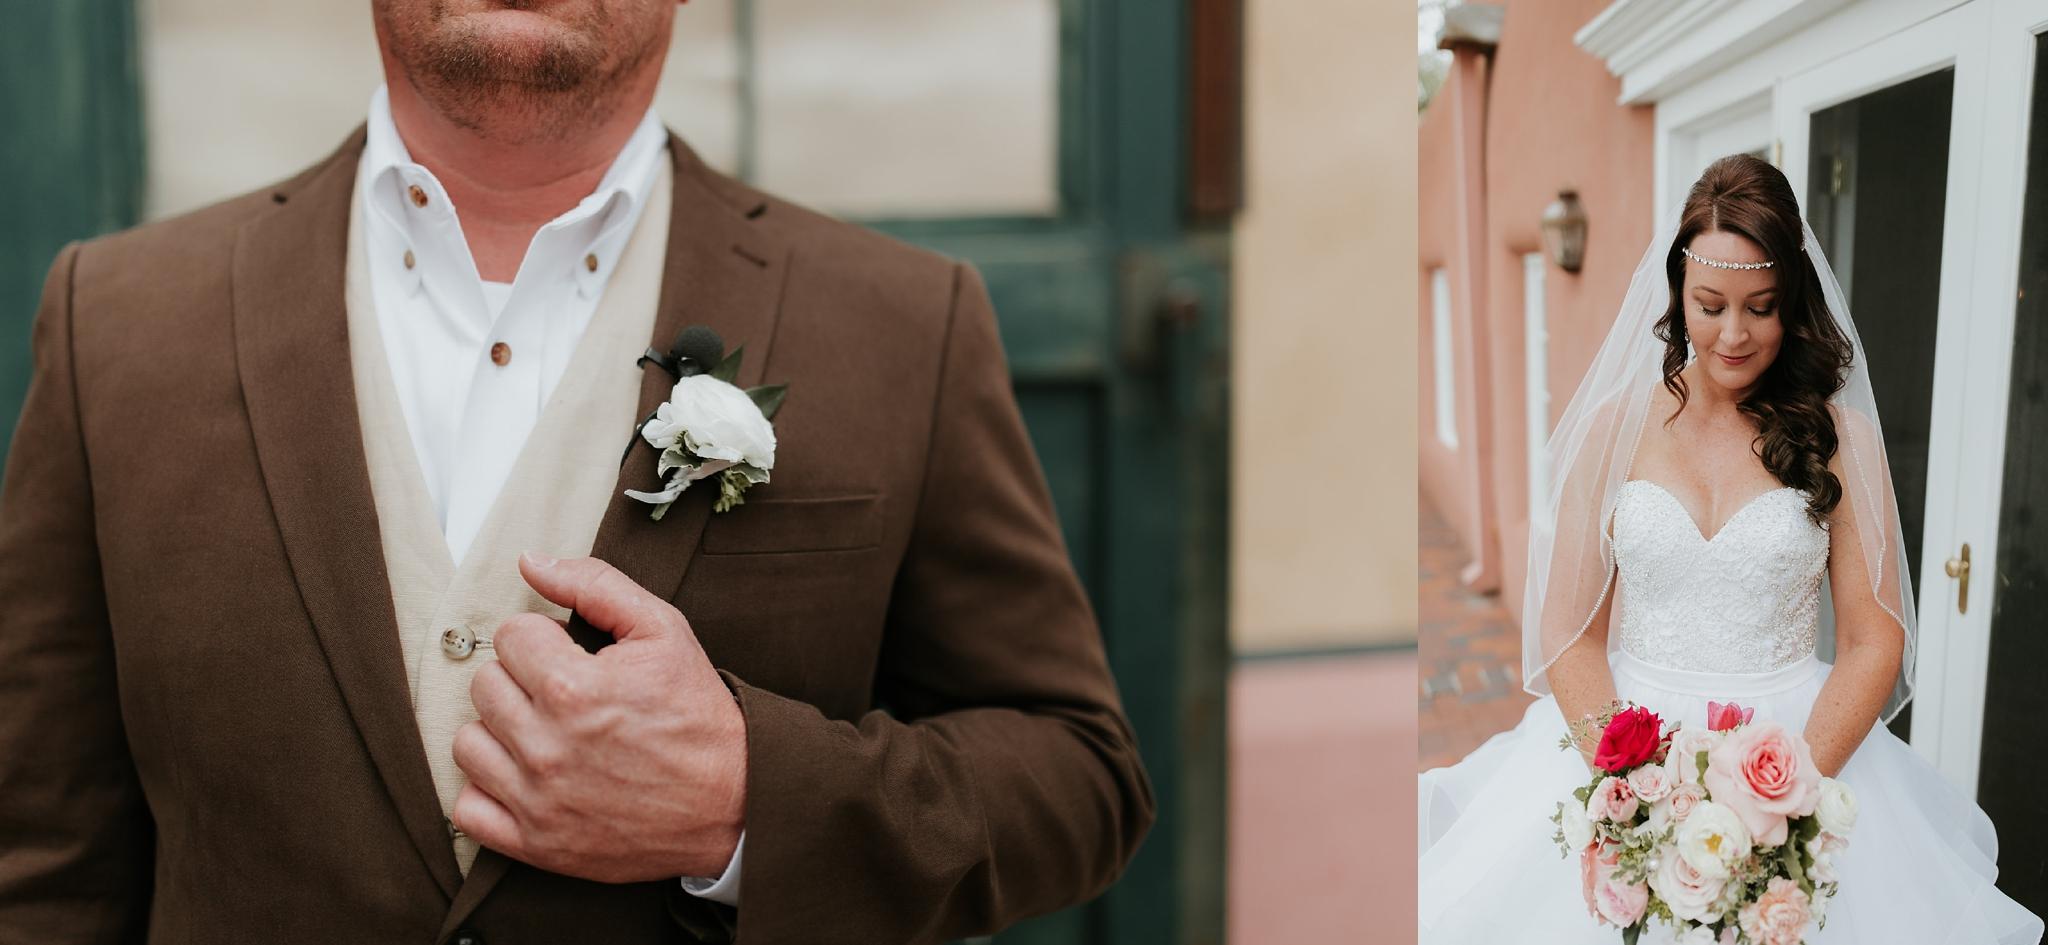 Alicia+lucia+photography+-+albuquerque+wedding+photographer+-+santa+fe+wedding+photography+-+new+mexico+wedding+photographer+-+new+mexico+florist+-+wedding+florist+-+renegade+floral_0044.jpg